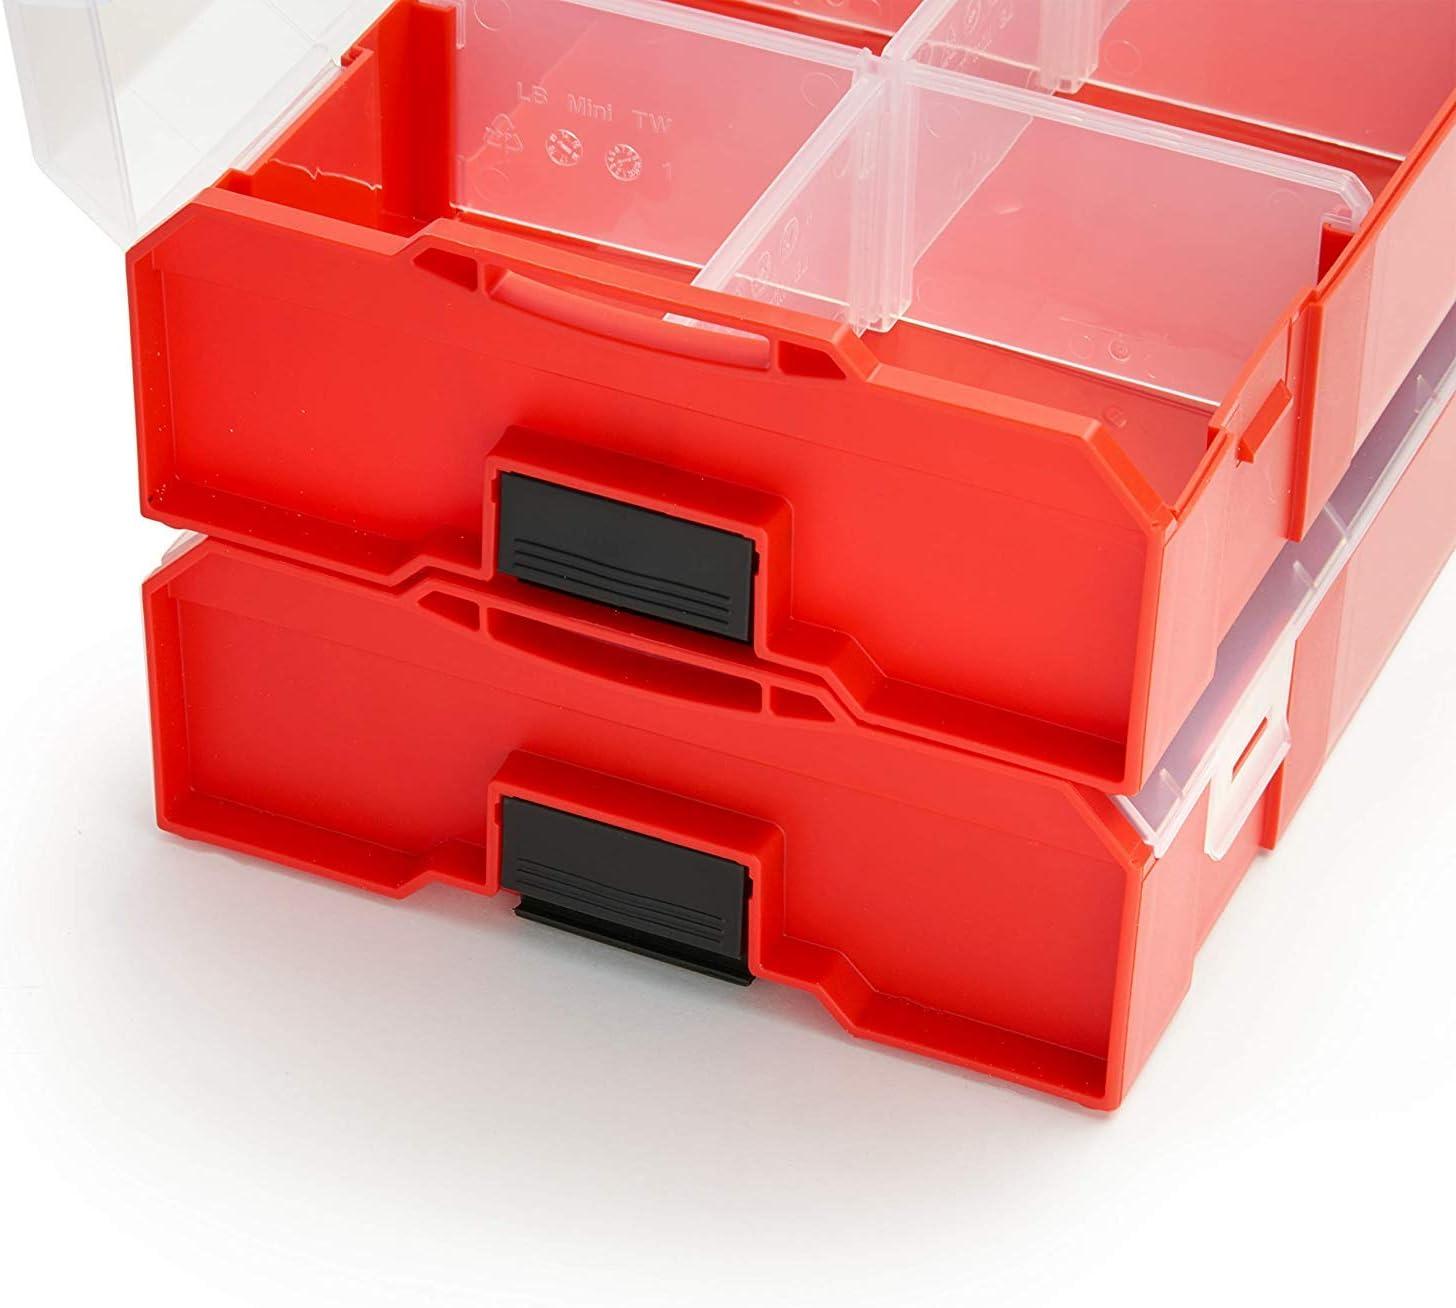 Cada 2 Gris Azul Rojo Caja de Almacenaje Tornillos con Tapa Bosch Sortimo L Boxx Mini Tornillos Clasificaci/ón Juego de 6 Surtido de Colores